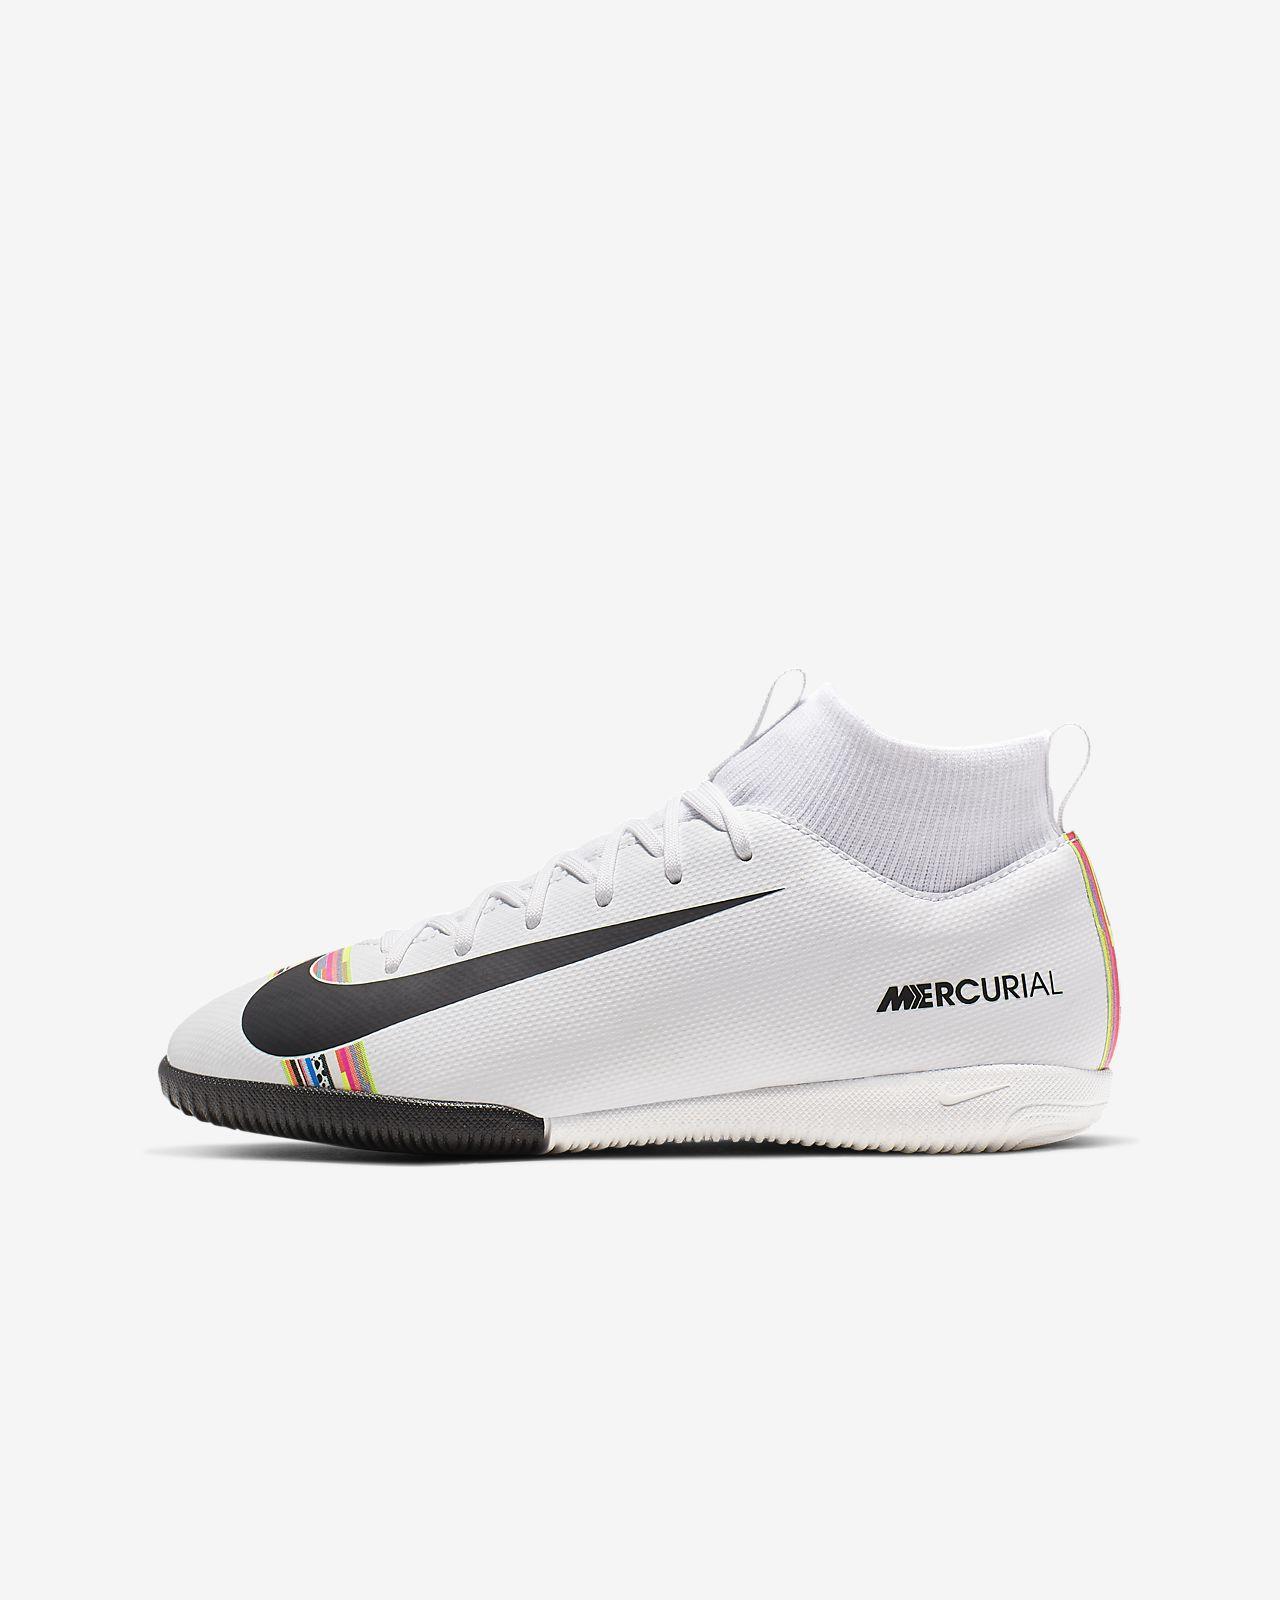 Halowe buty piłkarskie dla małych / dużych dzieci Nike Jr. SuperflyX 6 Academy LVL UP IC